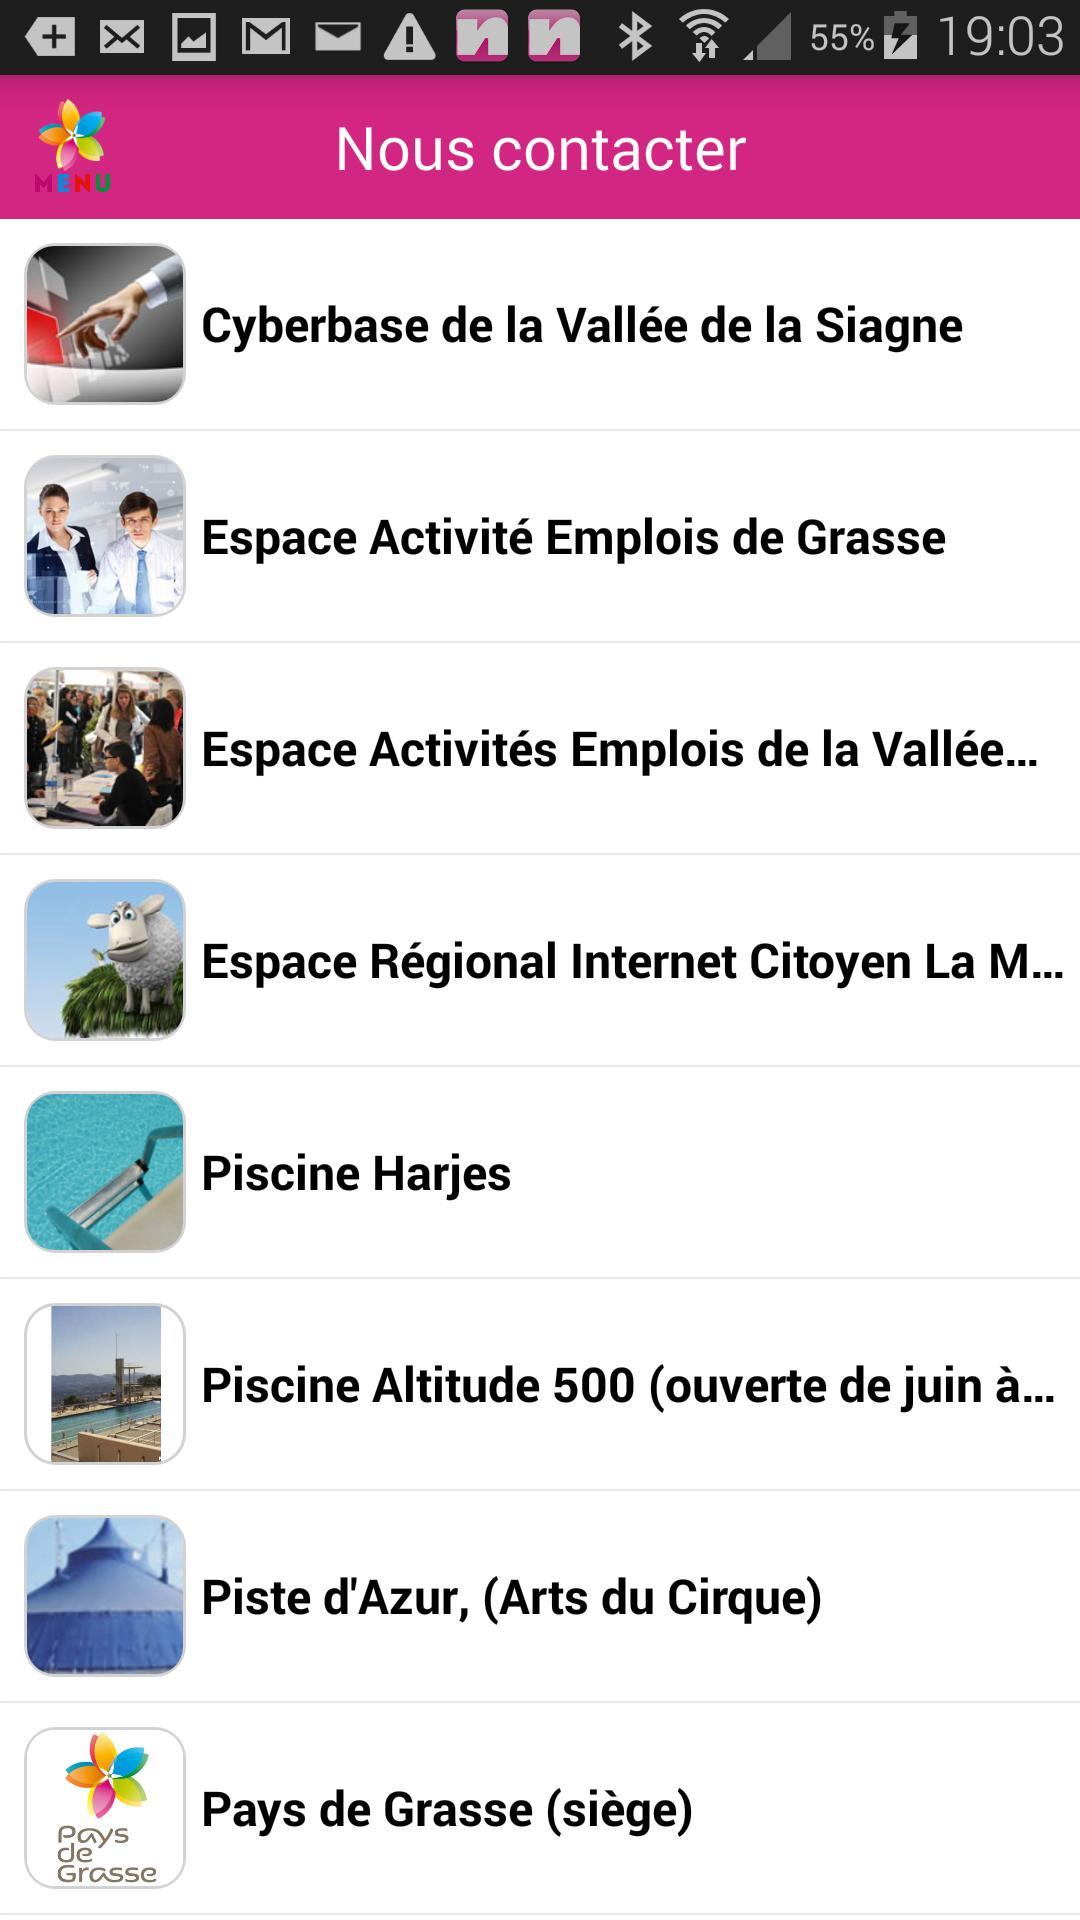 Pays De Grasse For Android - Apk Download dedans Piscine Harjes